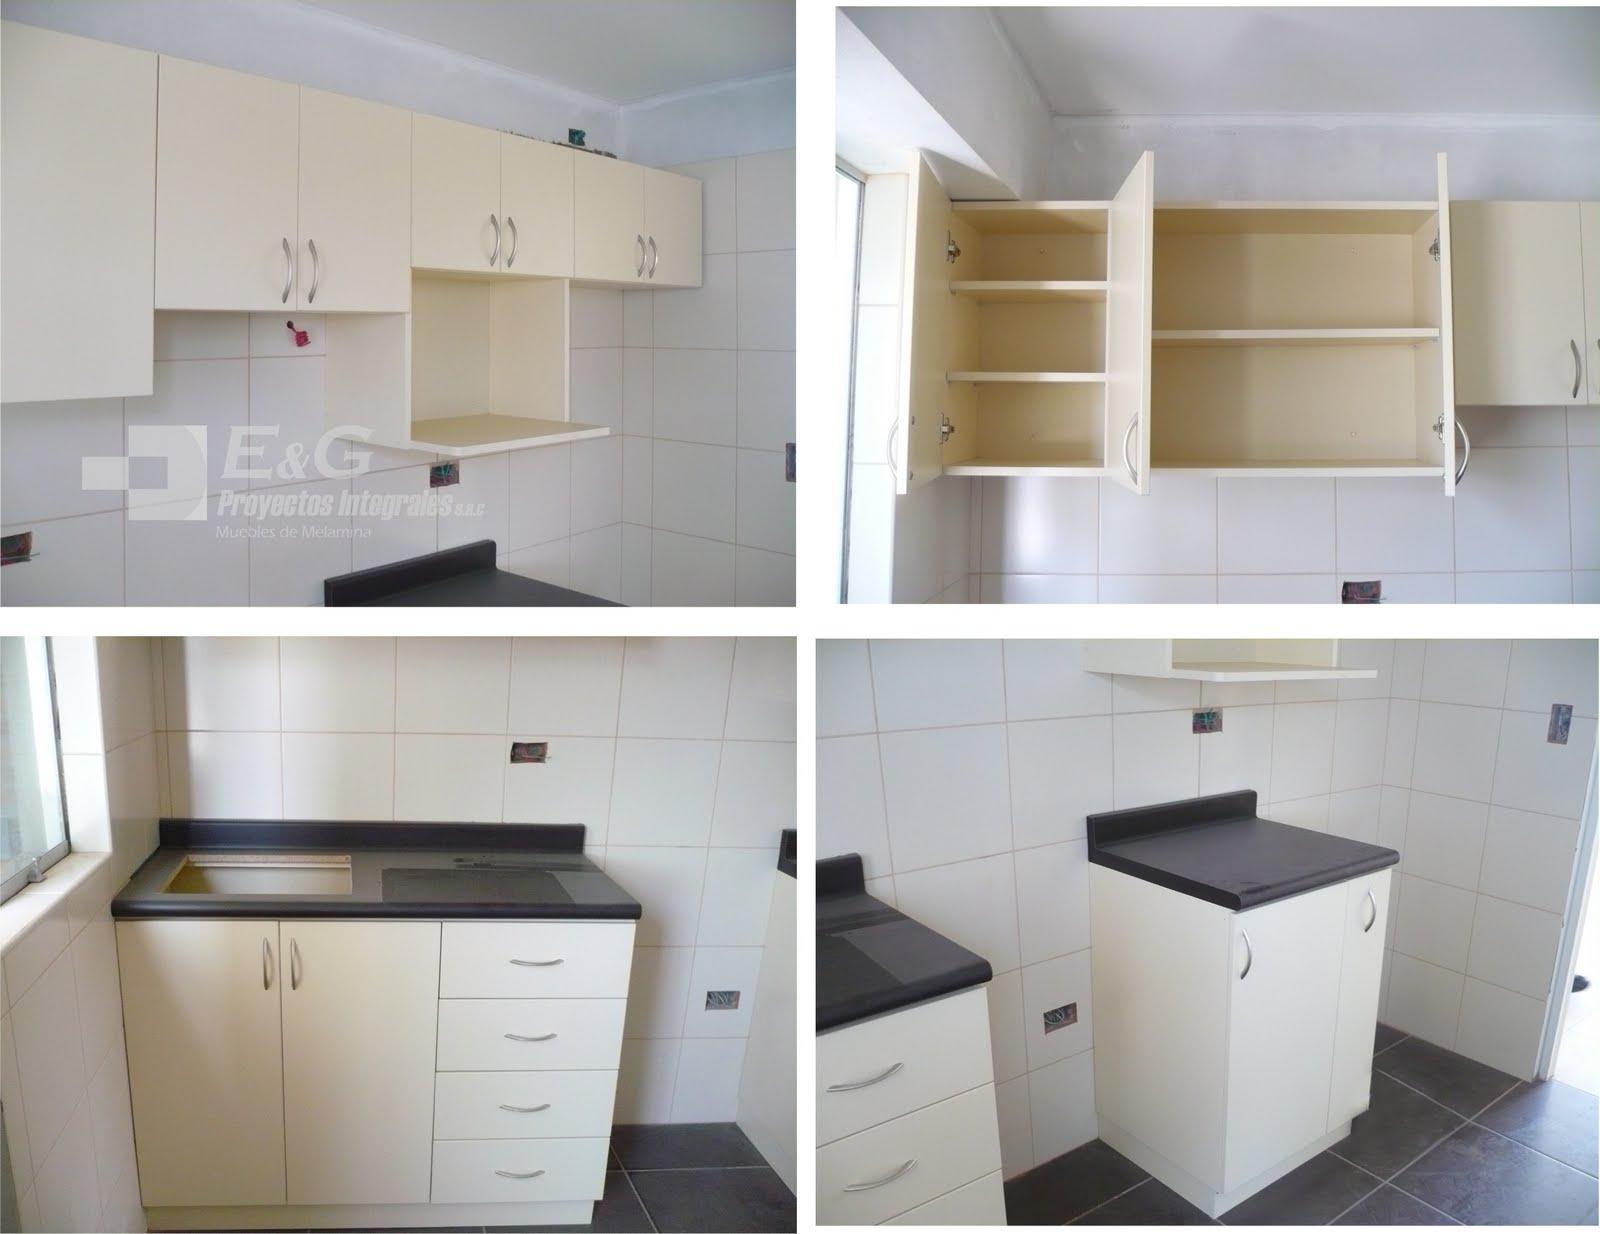 Muebles de cocina modulos hd 1080p 4k foto - Modulos de cocina ...